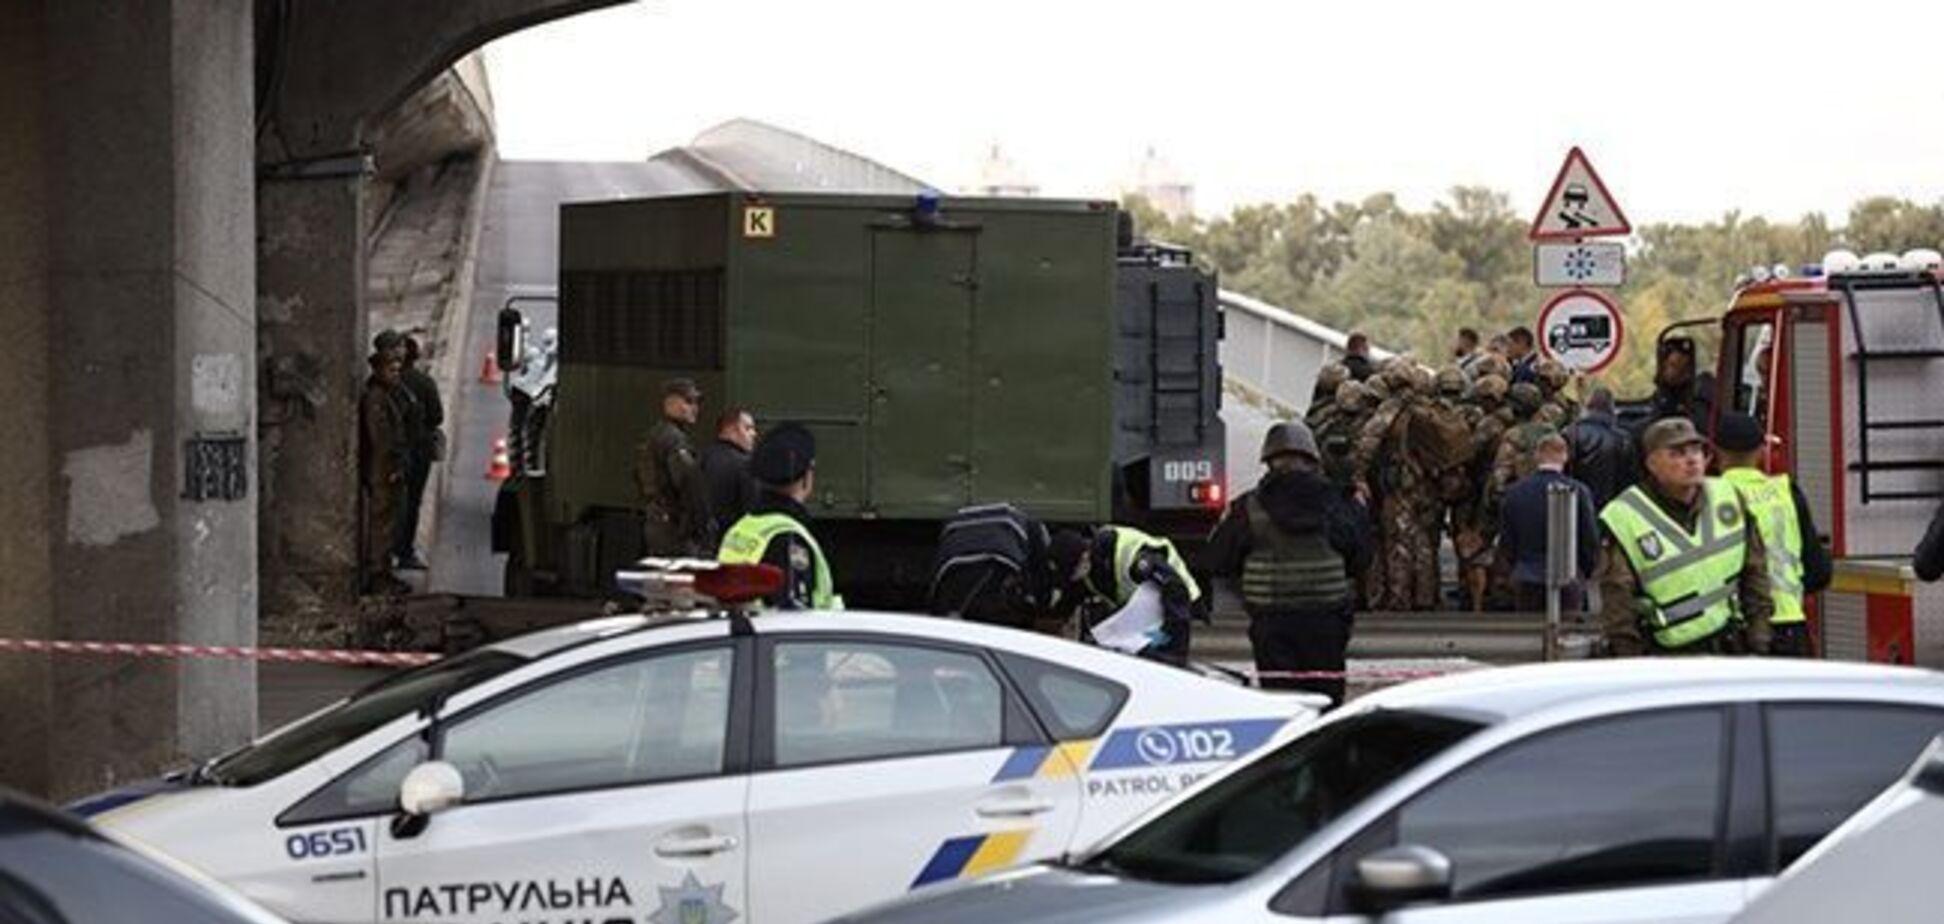 'Колов собі наркотики': у мережі з'явилося відео допиту київського 'терориста'